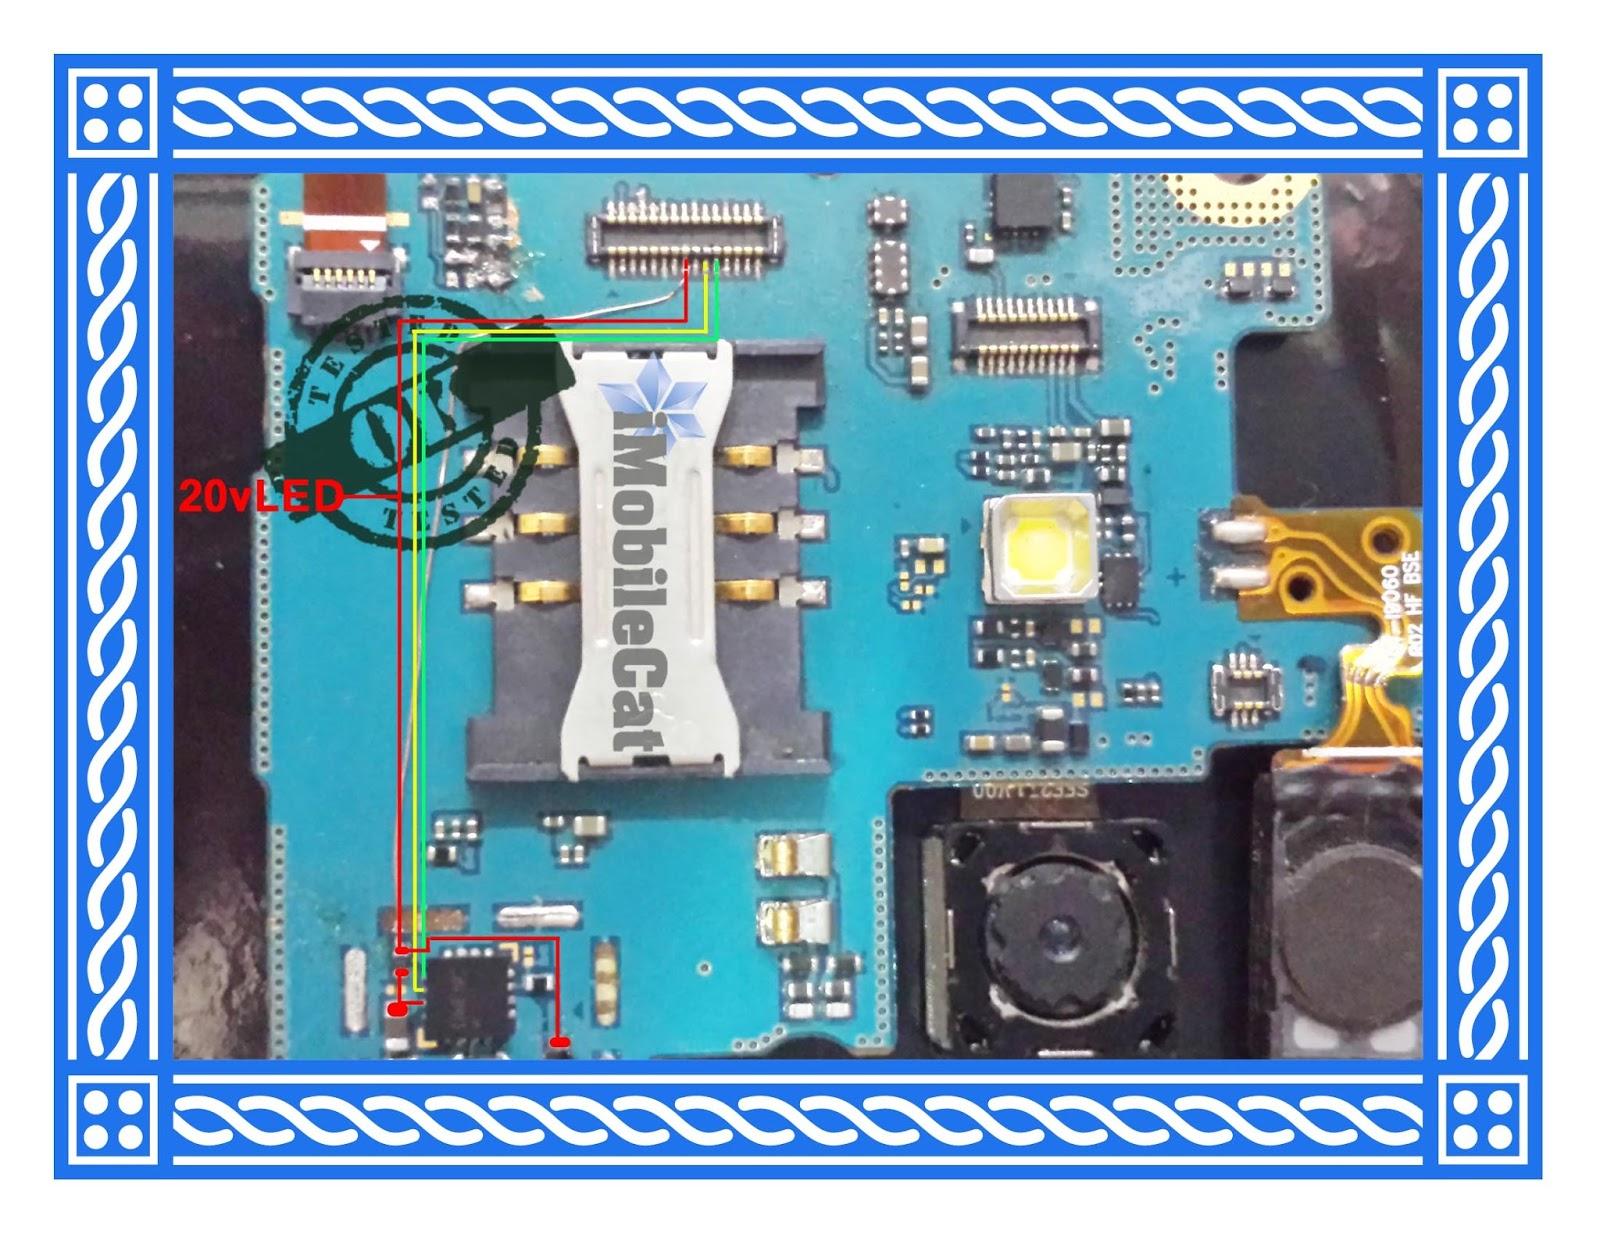 Samsung I9060I Display Light Complete Tested Jumper Solution Here | iMobileCat